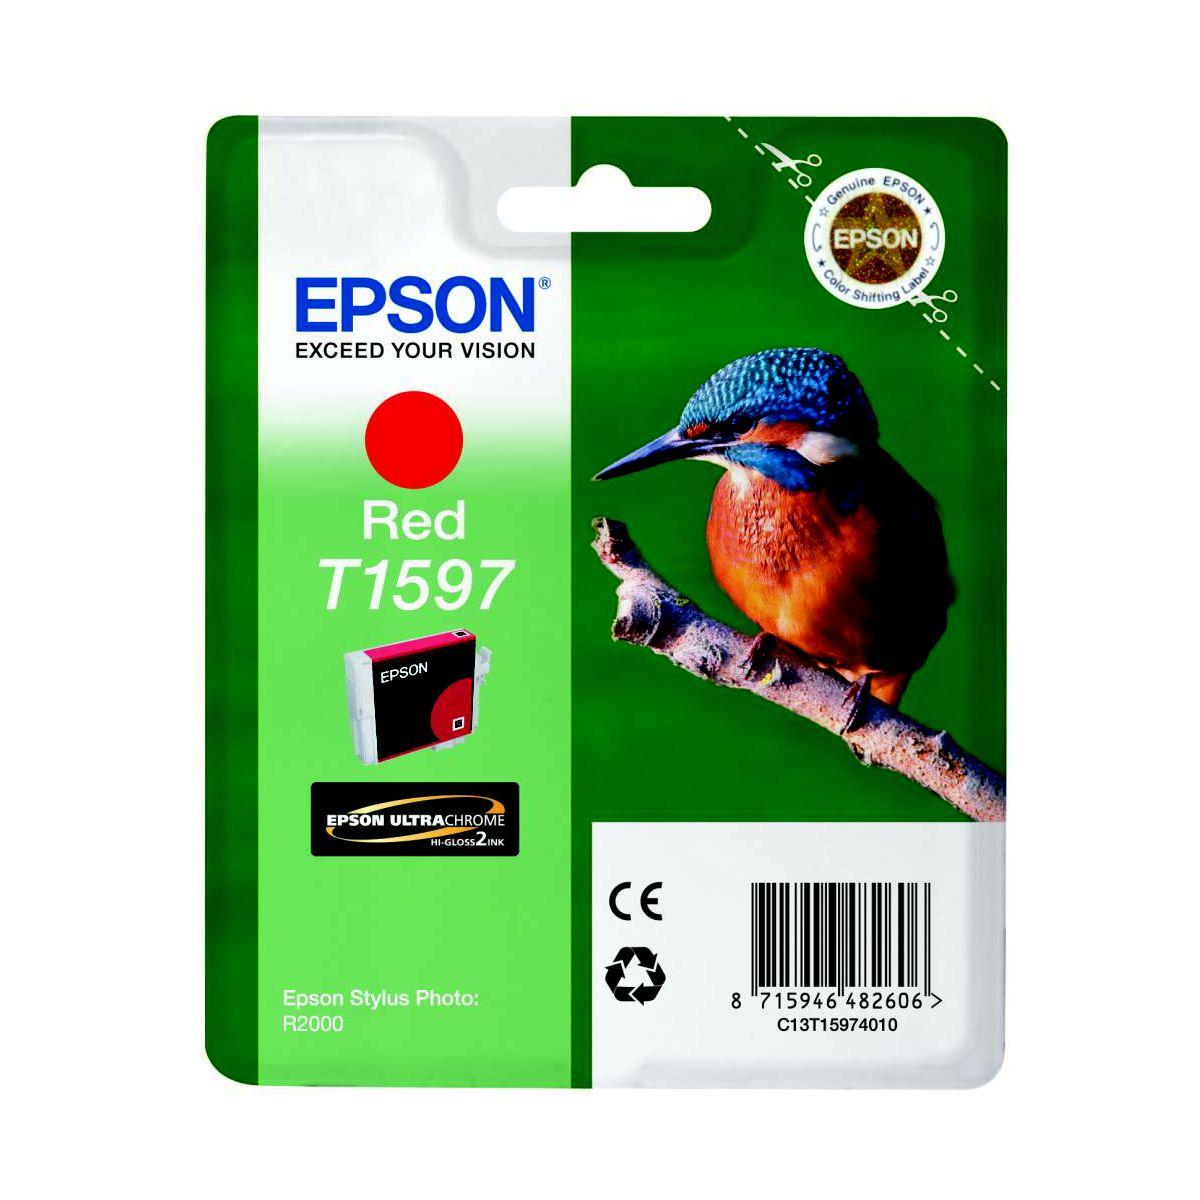 Cartouche d'encre EPSON T1597 Rouge série Martin Pêcheu...